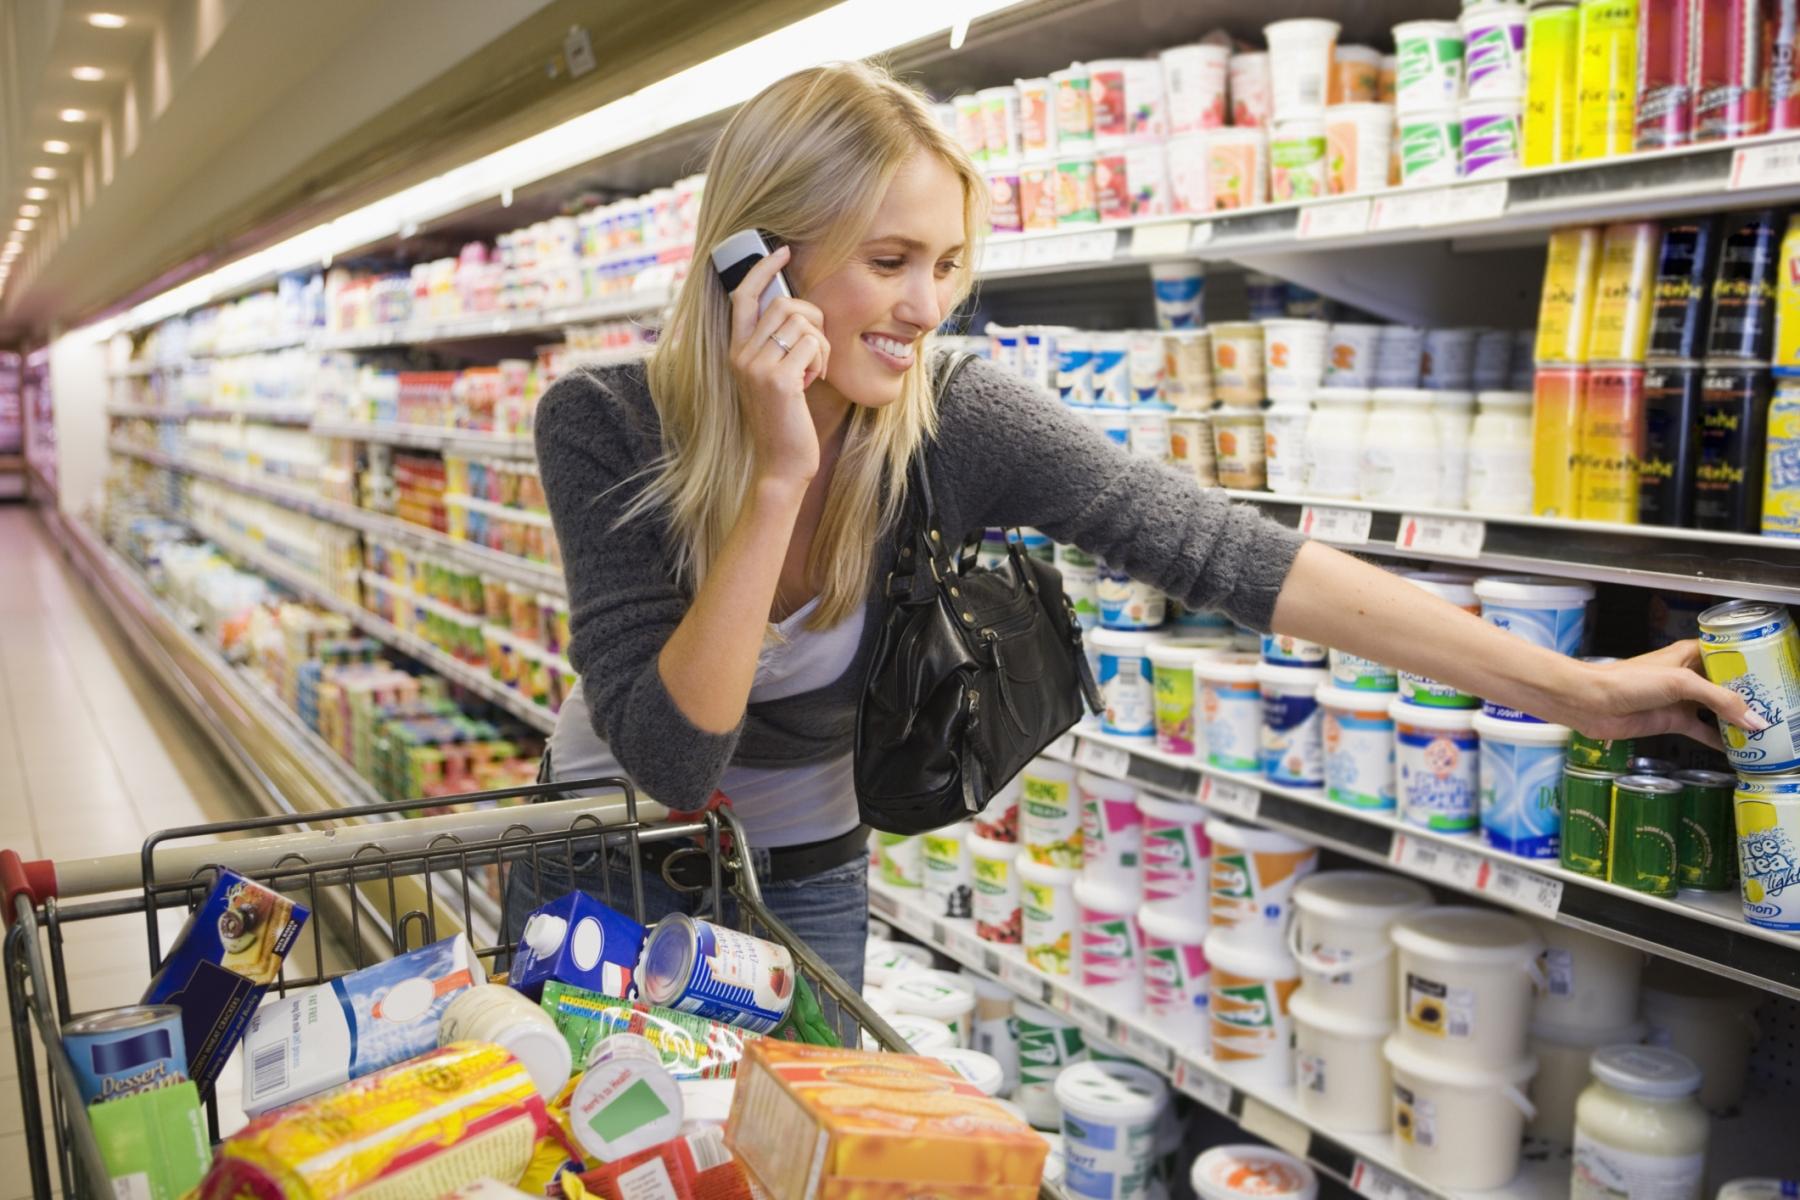 5 tips para ahorrar y comer saludable | Salud180